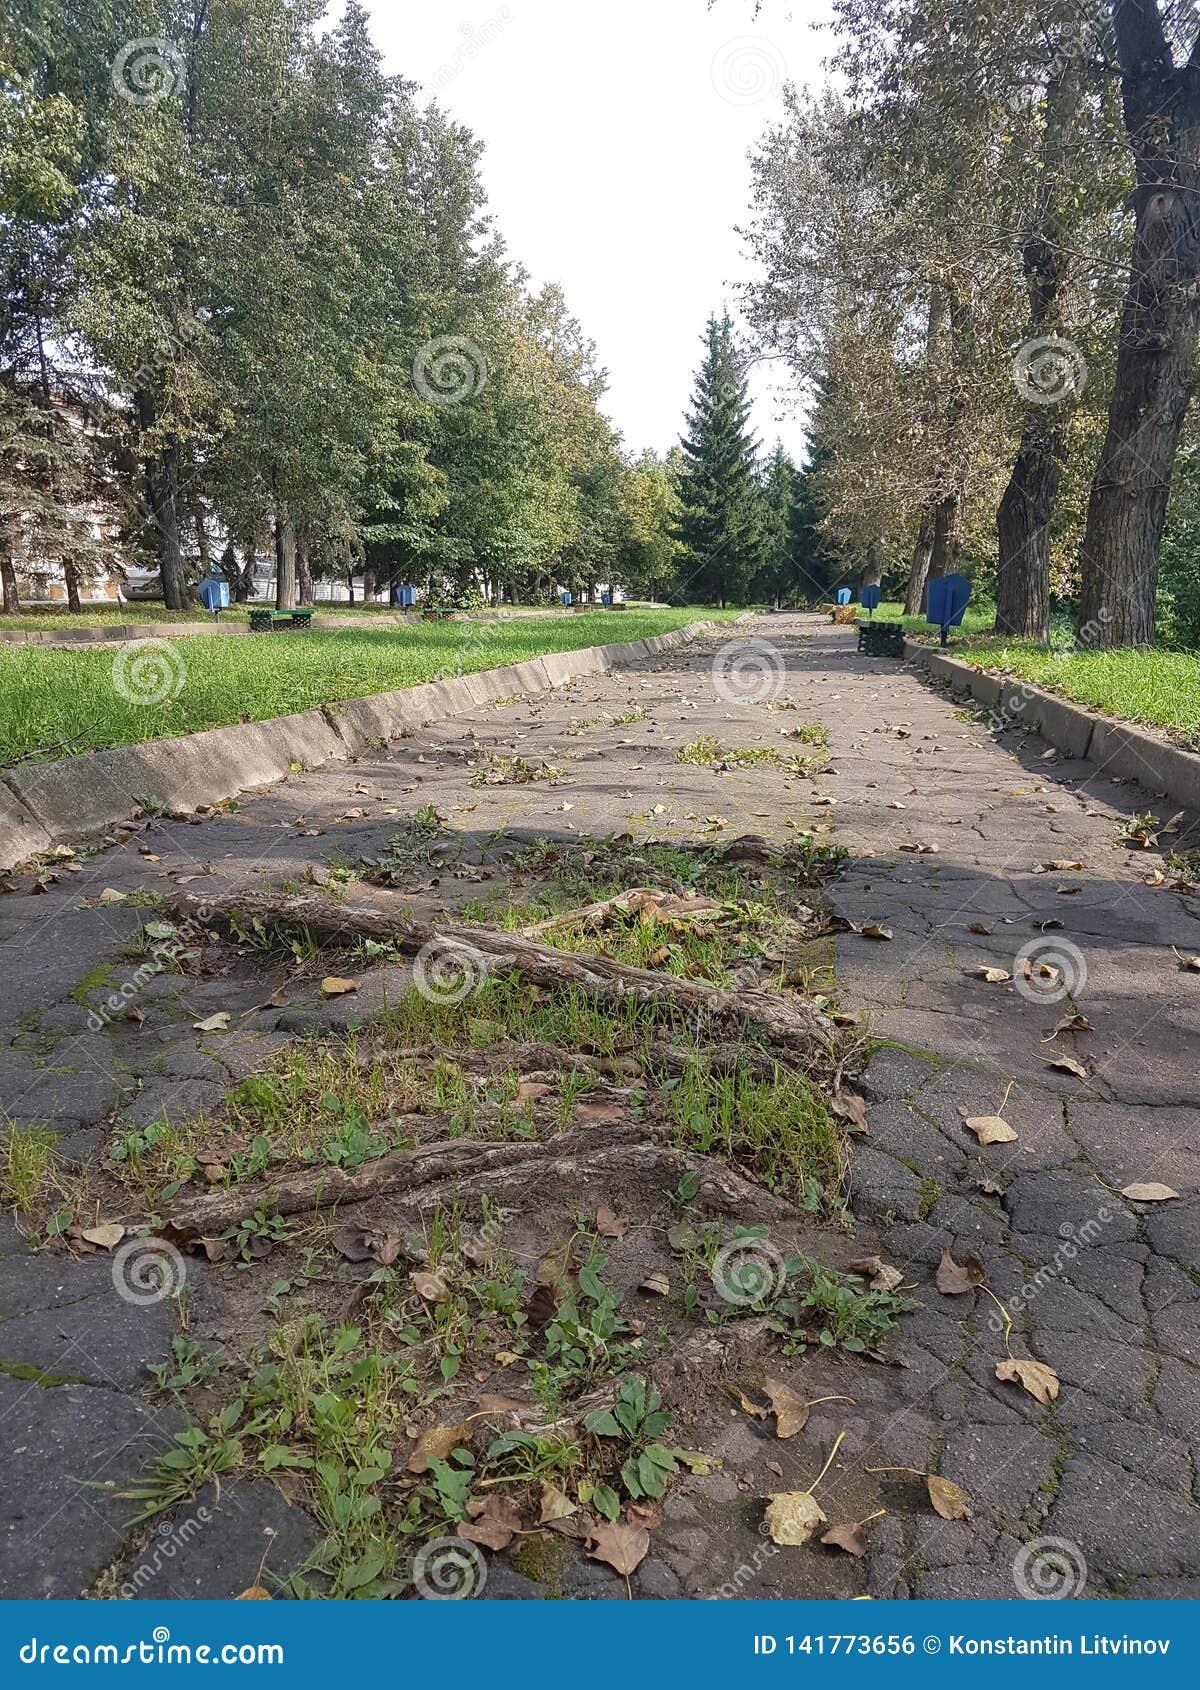 Τα κοιλώματα και οι λακκούβες σε έναν αγροτικό δρόμο μετά από τη βροχή το καλοκαίρι μεταξύ των πράσινων δέντρων, Ρωσία